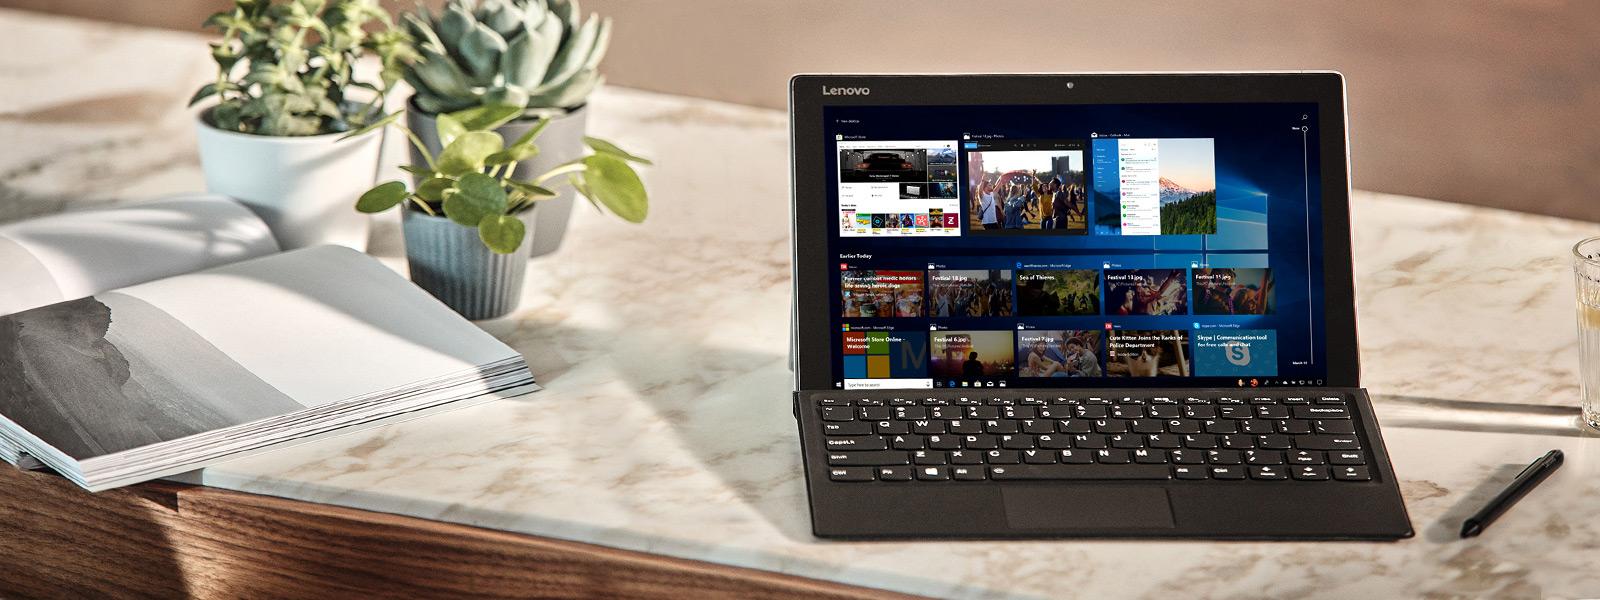 شاشة كمبيوتر تظهر ميزة تحديث أبريل 2018 لنظام Windows 10